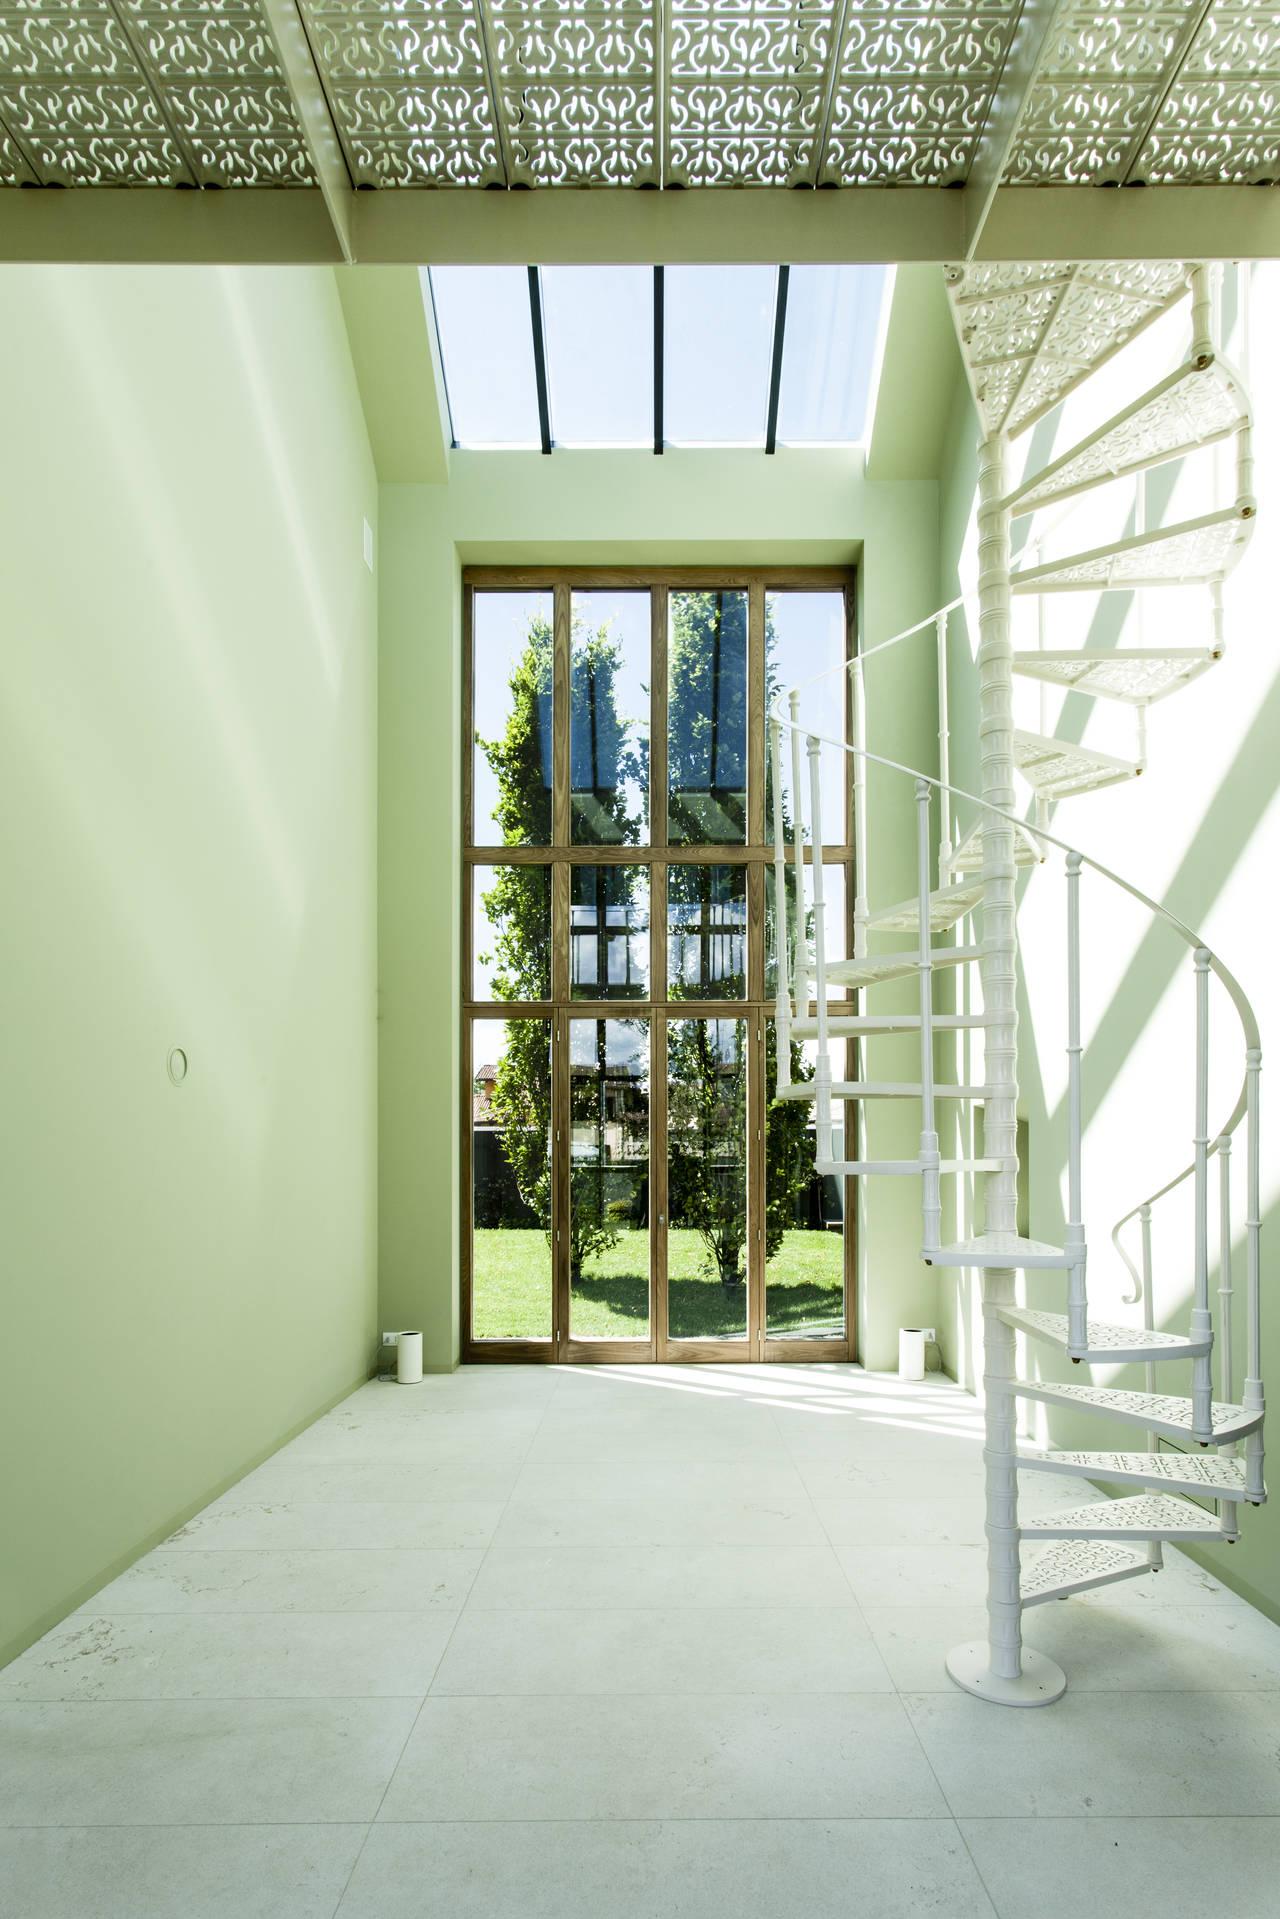 Villa di pianura (Photo by L. Bartoli, G. Leo)